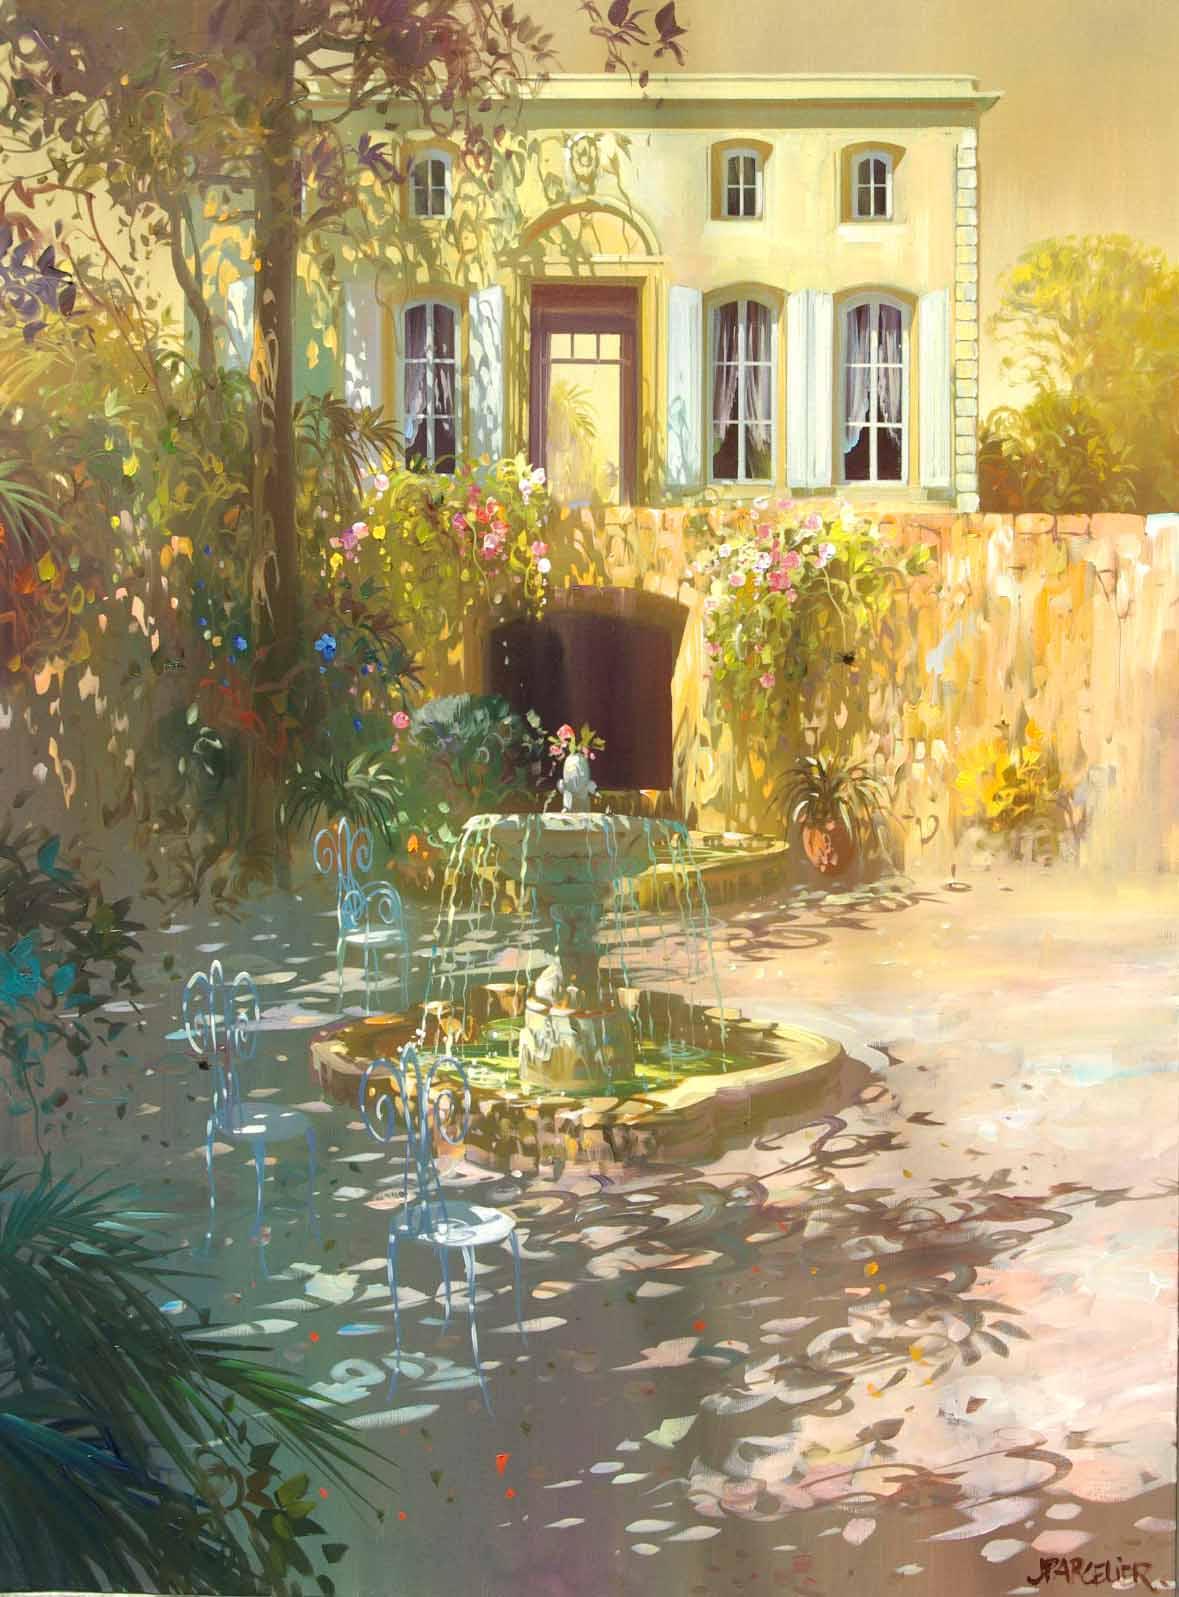 53-La-fontaine-devant-la-maison-130x97-1.jpg